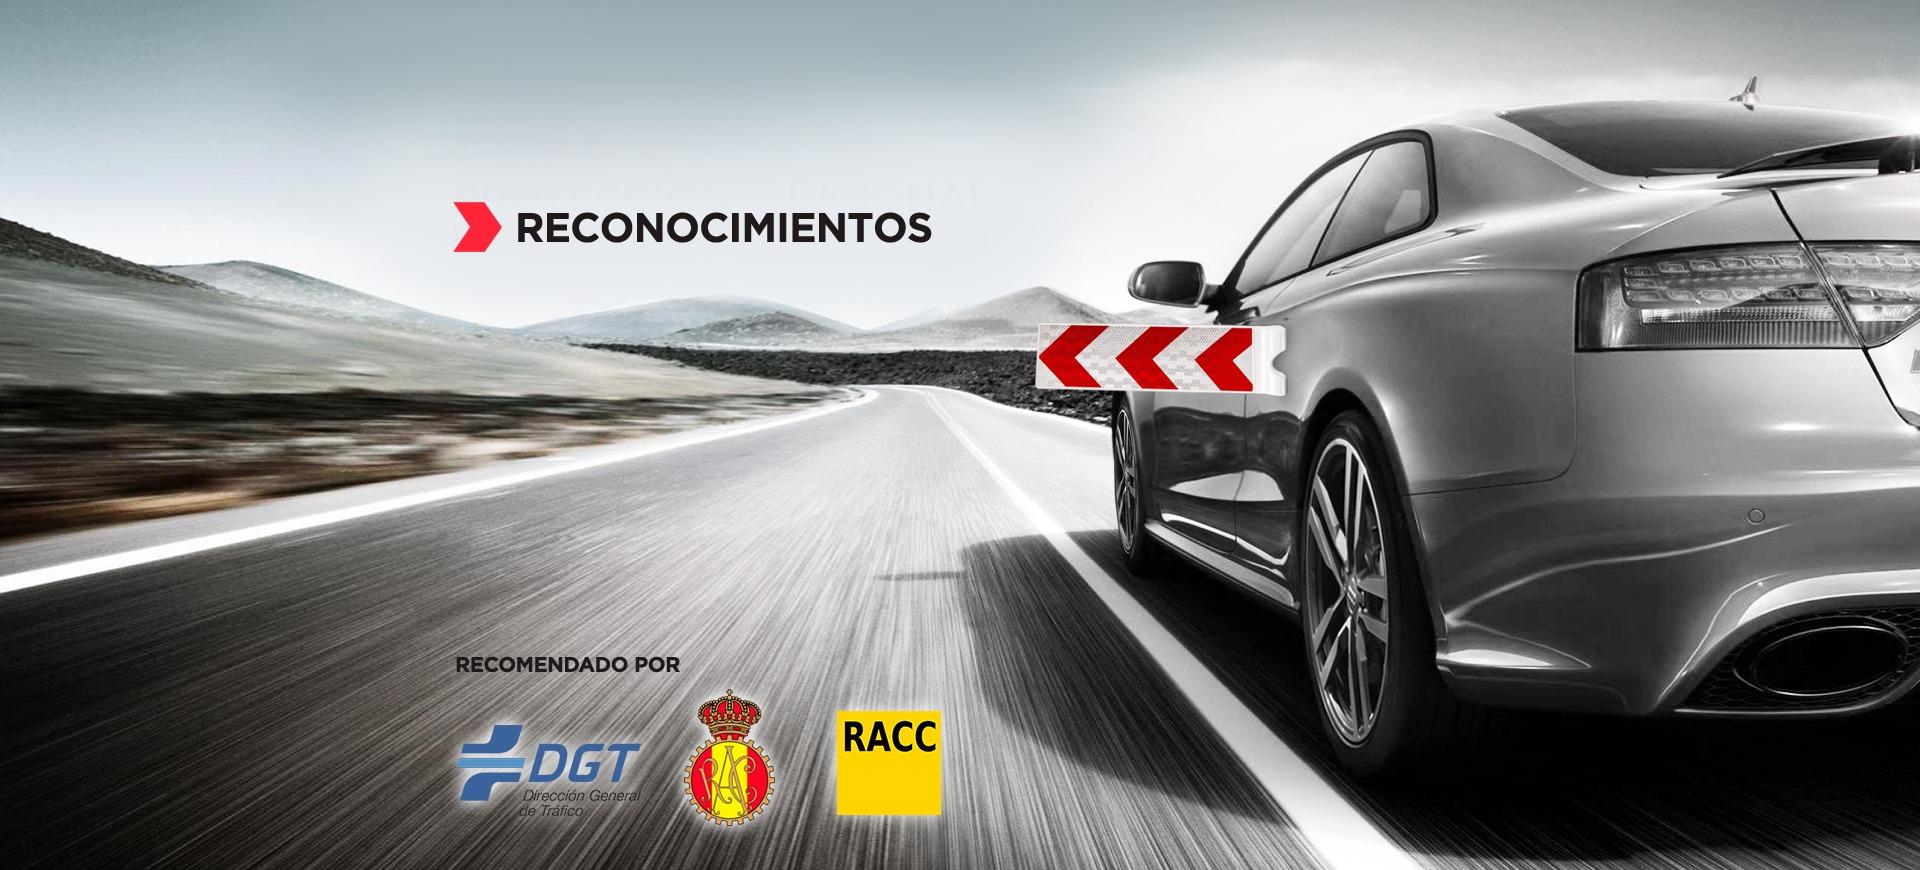 cab-reconocimiento